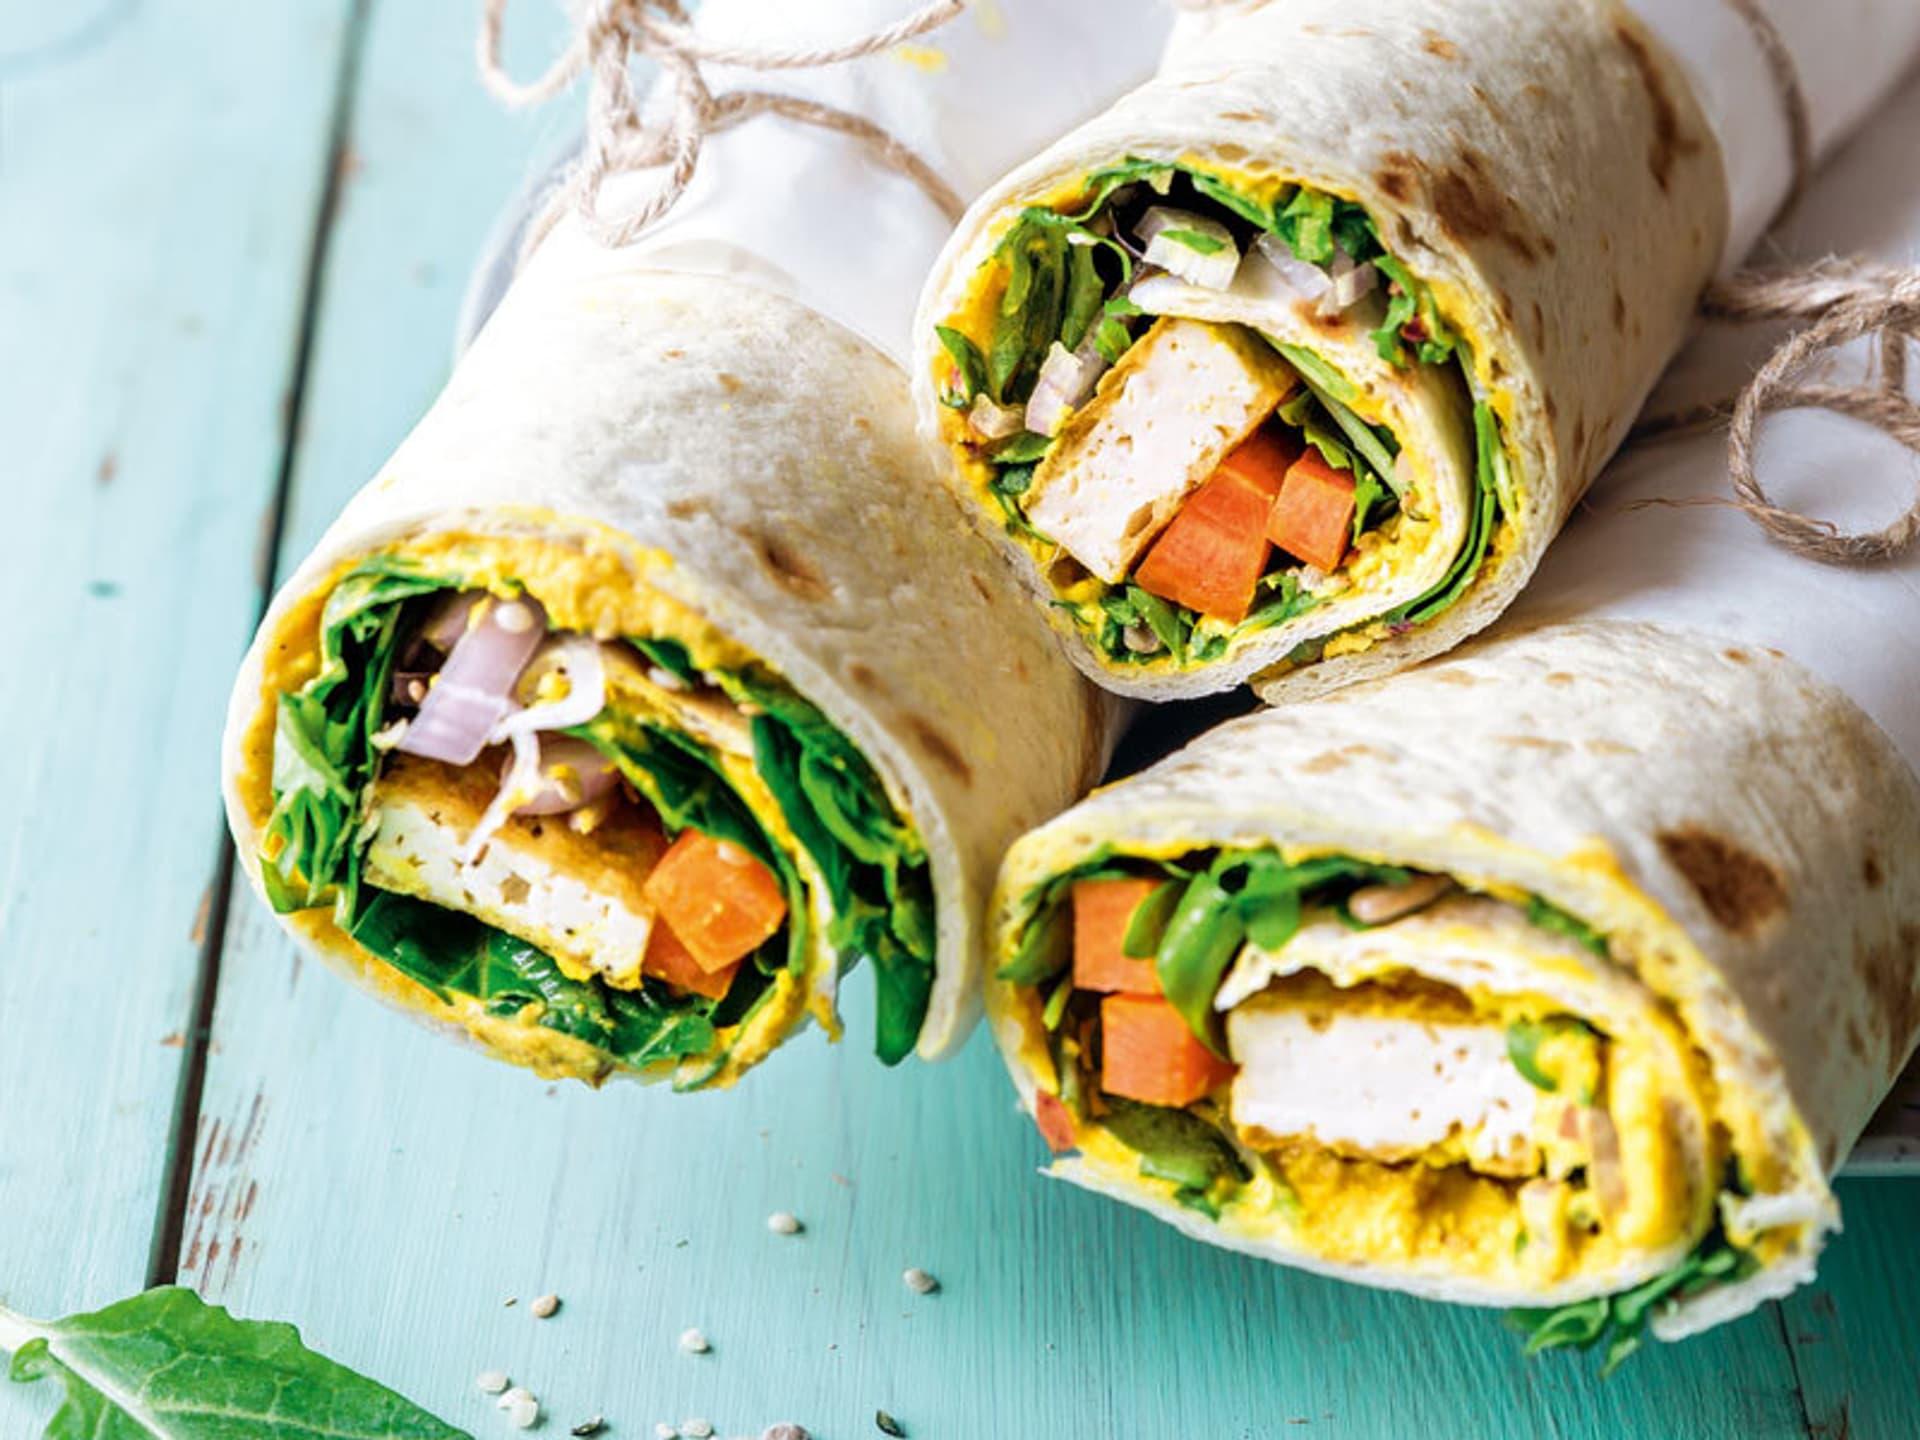 Bunter Wrap mit gelbem Hummus und Tofu